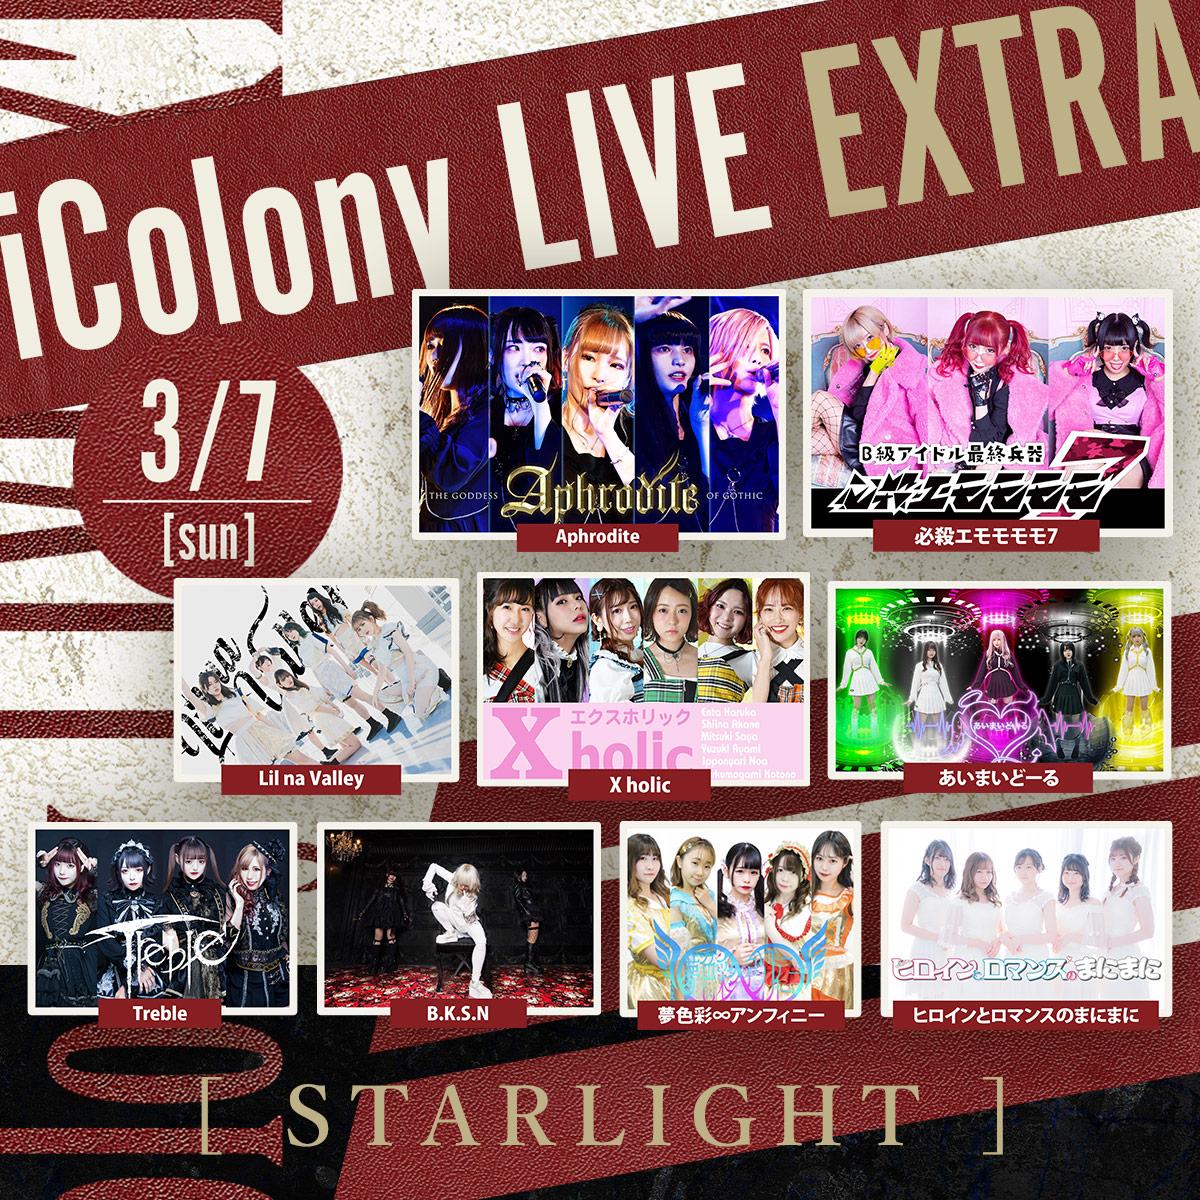 iColony LIVE EXTRA [STARLIGHT]